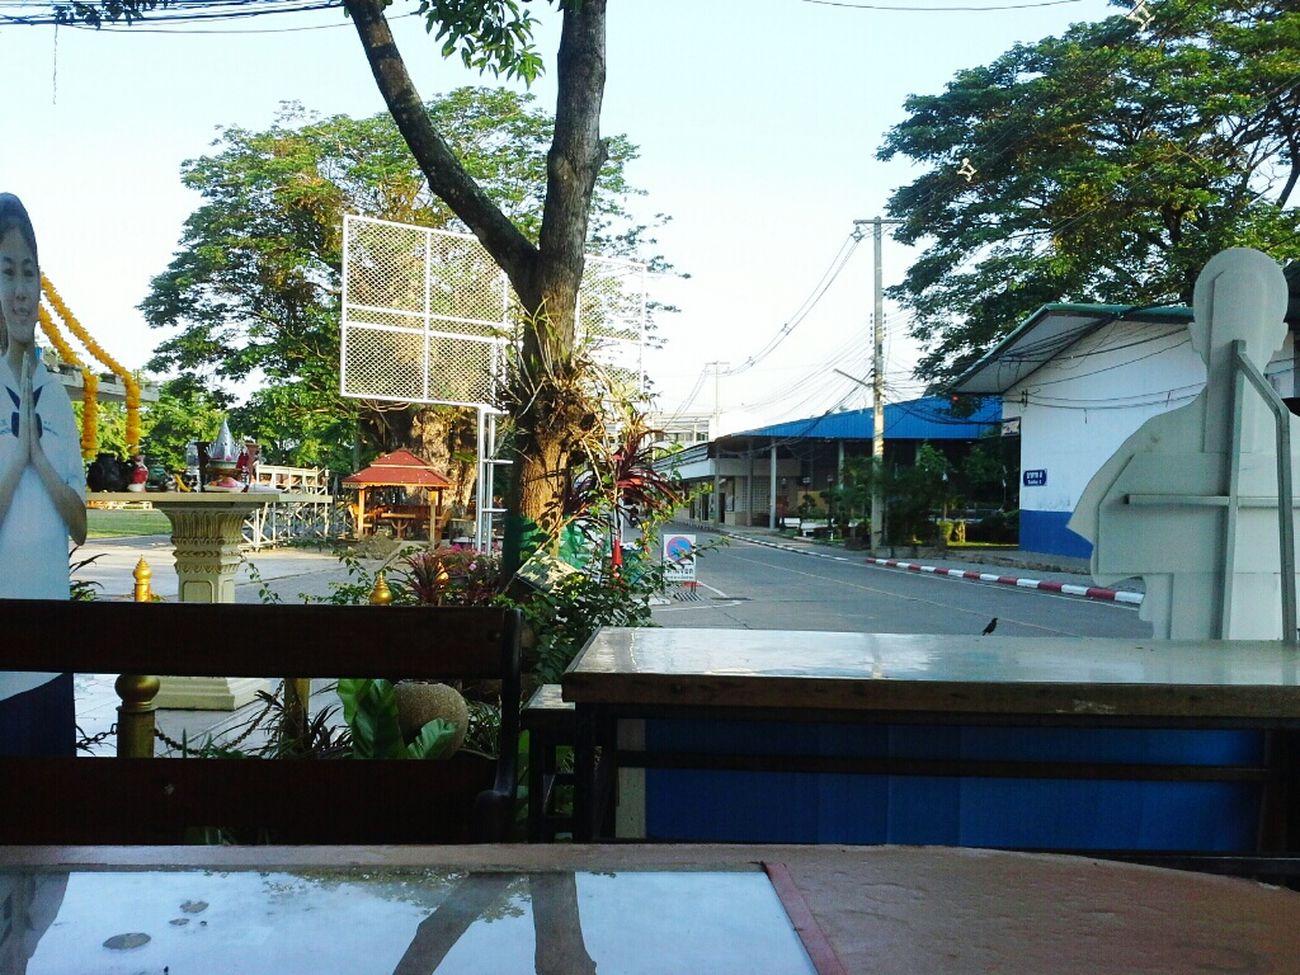 Morning Suanboonyopatham Lamphun